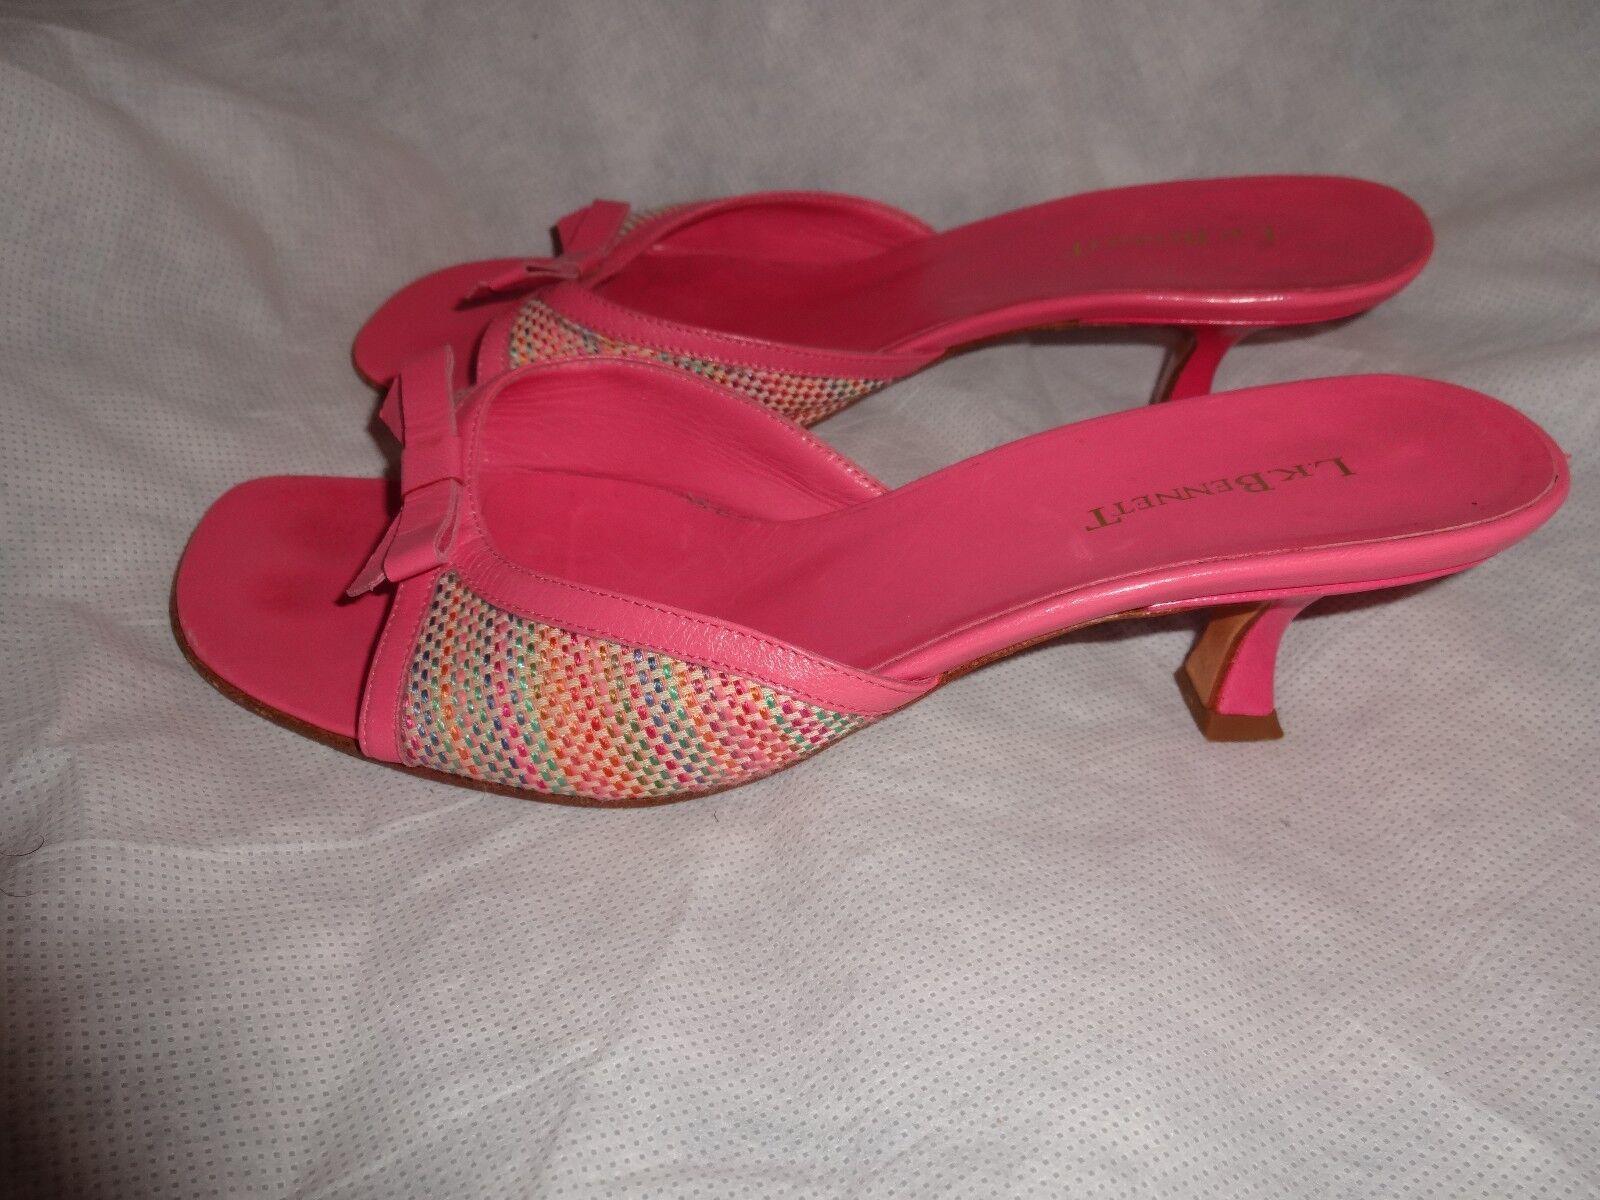 L.K. Bennett Pantofole Donna Rosa Pelle Mocassini Pantofole Bennett Taglia EU 37 in buonissima condizione be5200